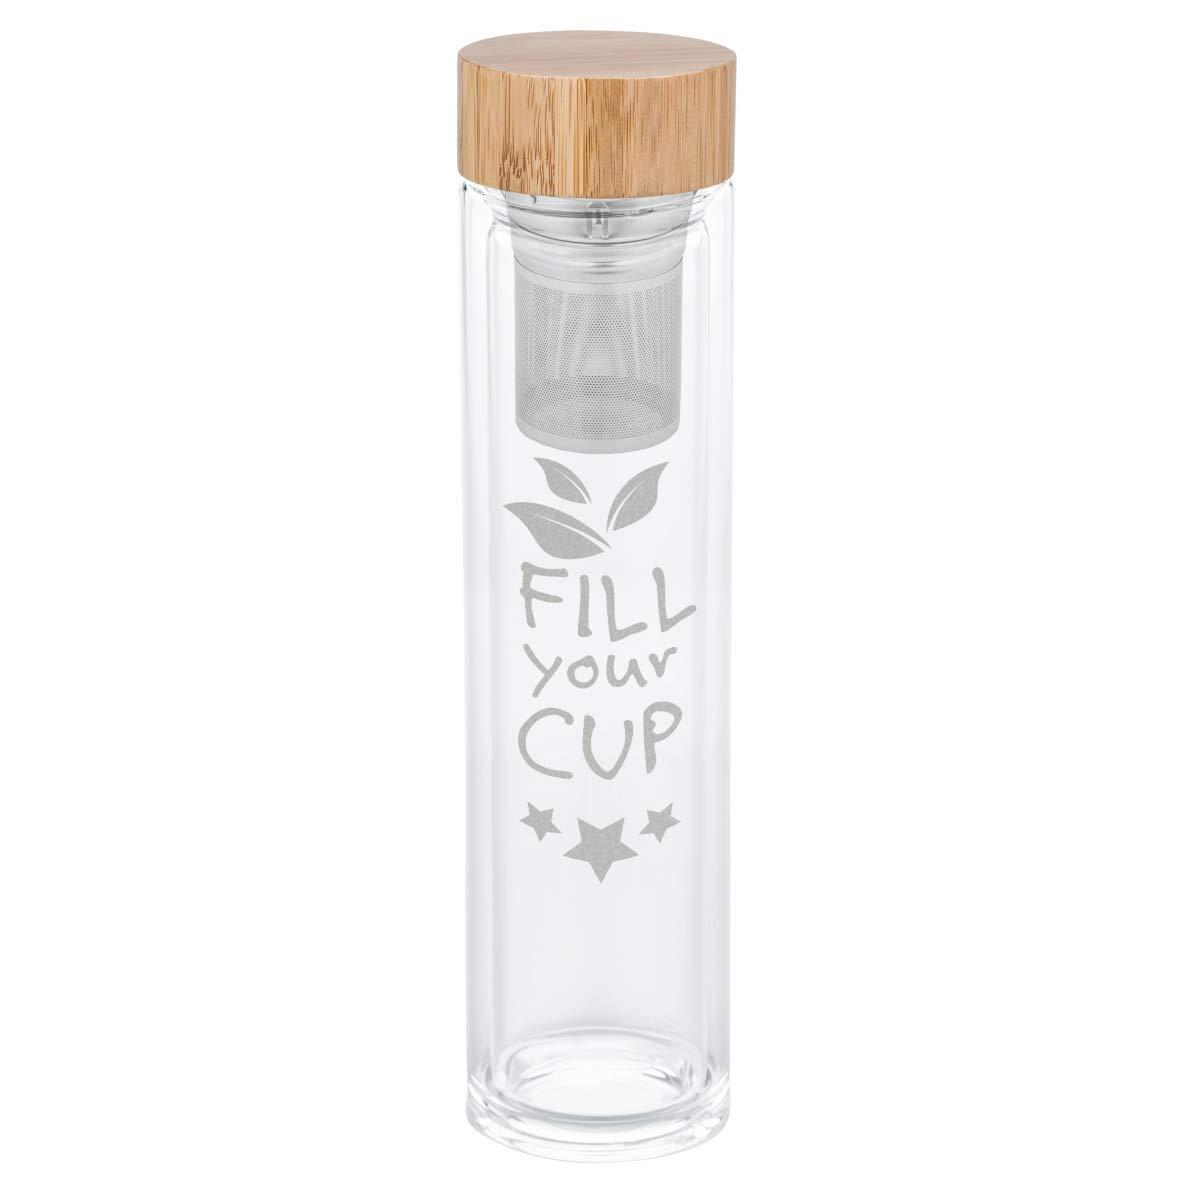 Teeflasche mit Edelstahl-Sieb - wähle ein Motiv - Doppelwandig Fassungsvermögen: 500ml - Schraubverschluss & Bambusdeckel - Profi Teebereiter Farbe #Tea GRAVURZEILE